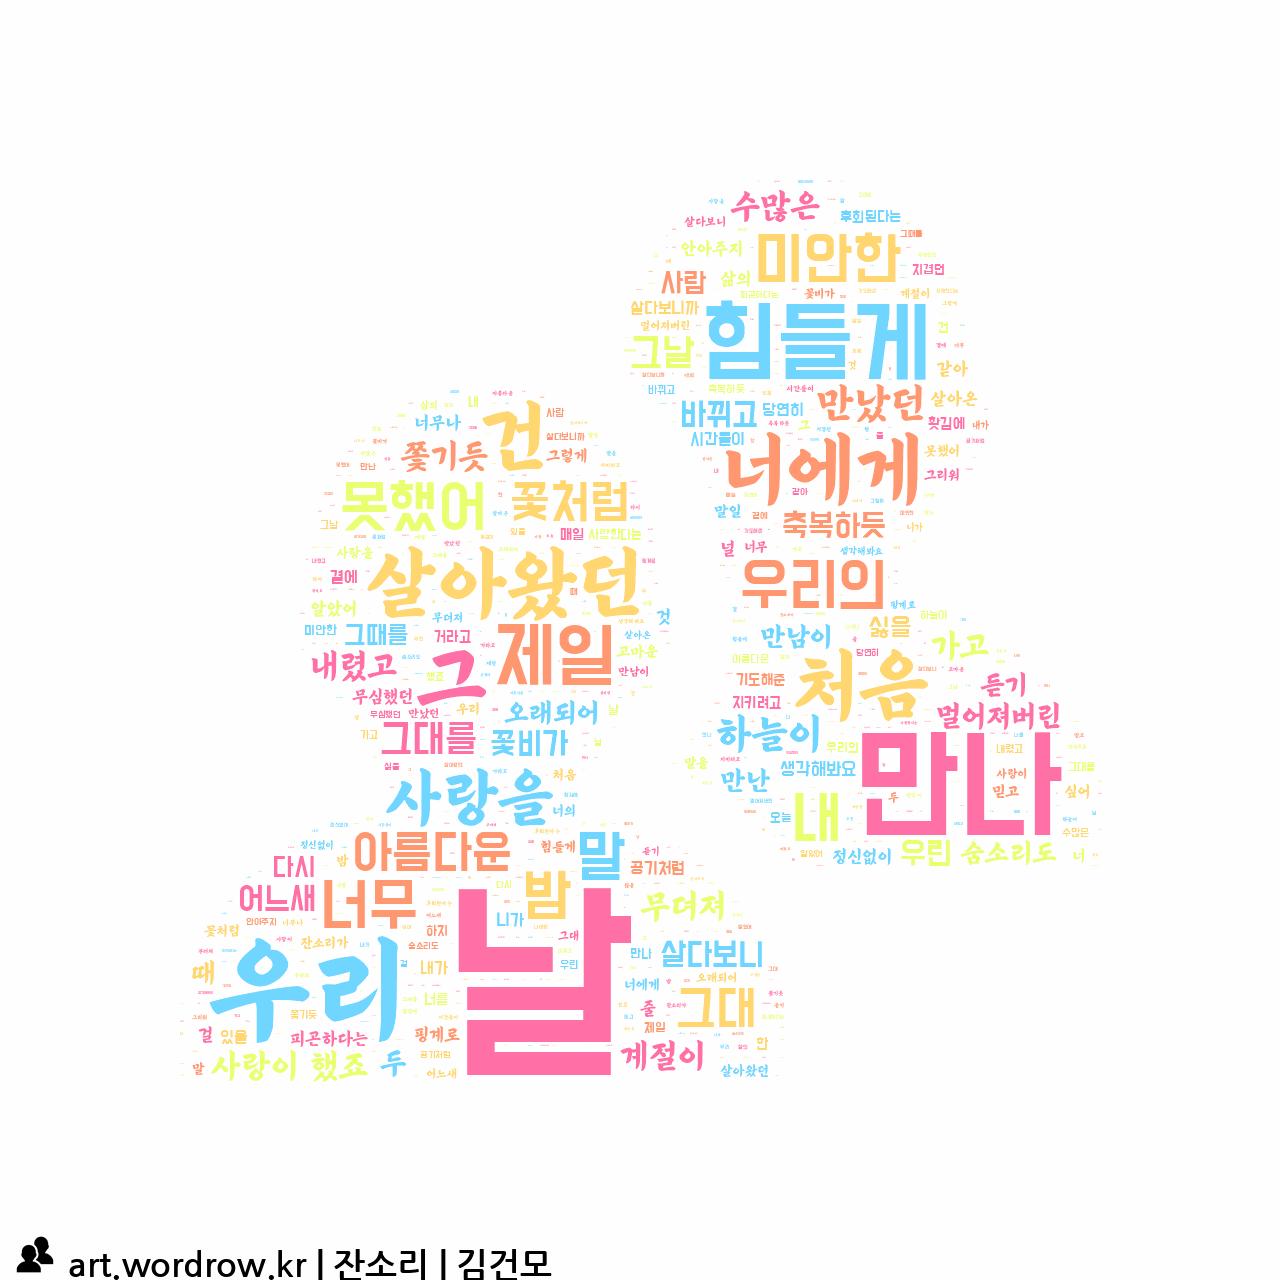 워드 아트: 잔소리 [김건모]-18